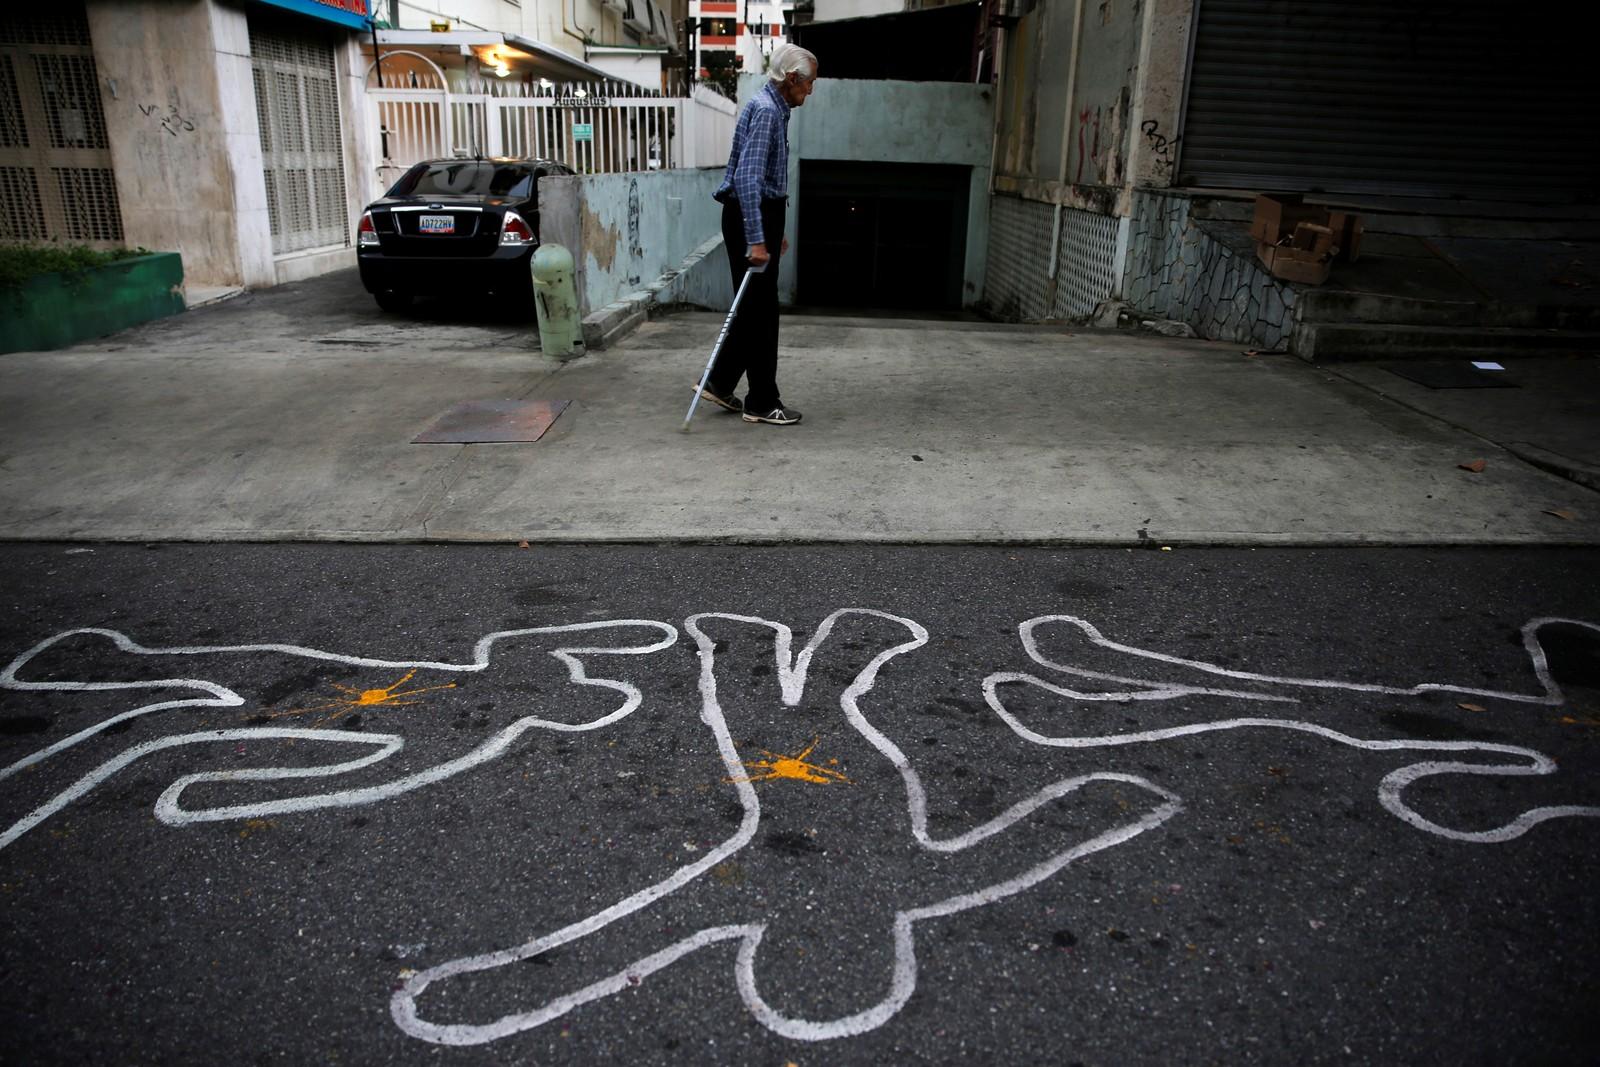 Noen krittstreker til minne om voldsofrene i forbindelse med en demonstrasjon mot den sittende presidenten i Venezuela.